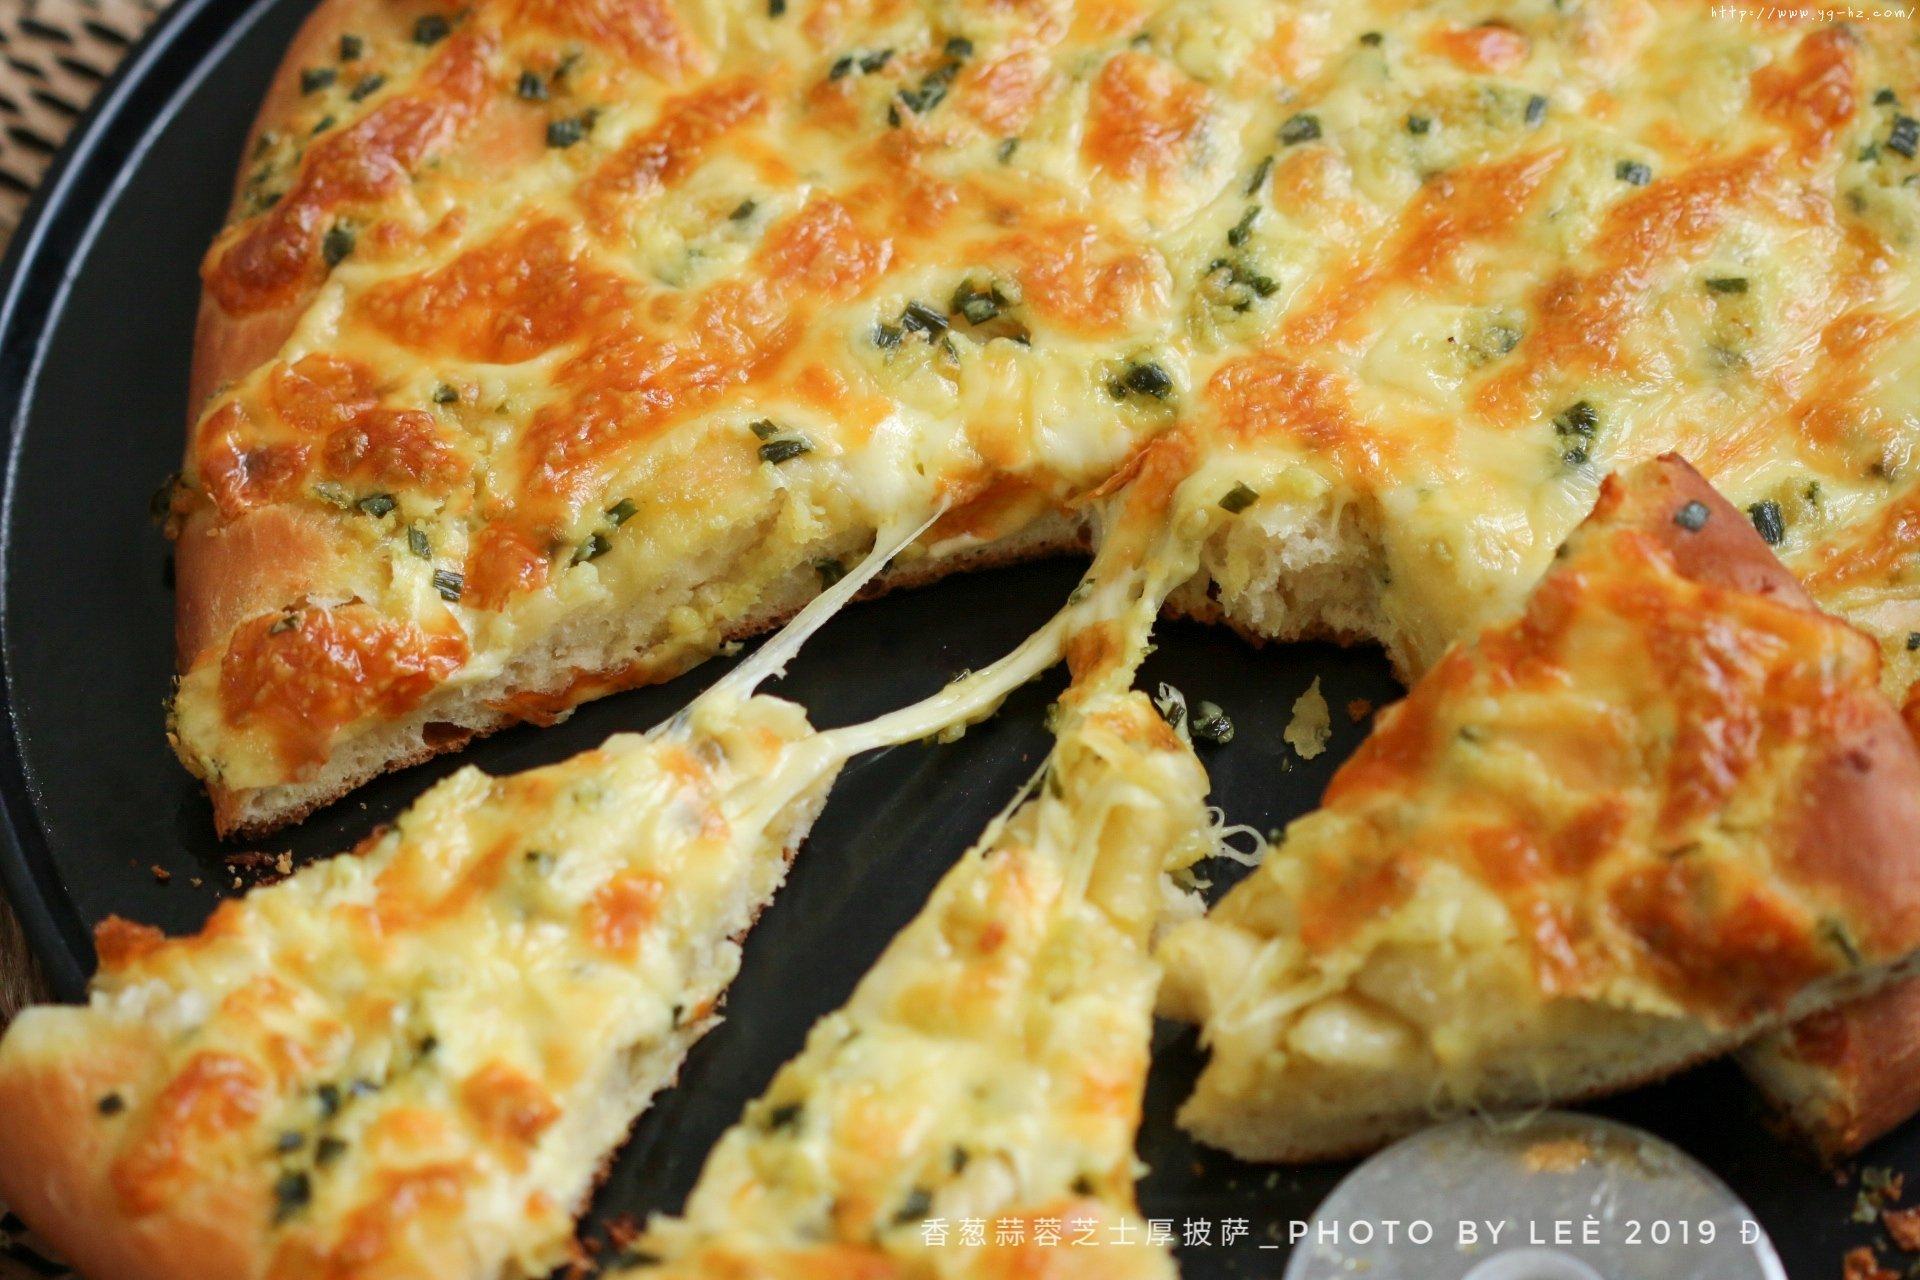 香葱蒜蓉芝士厚披萨的做法 步骤12